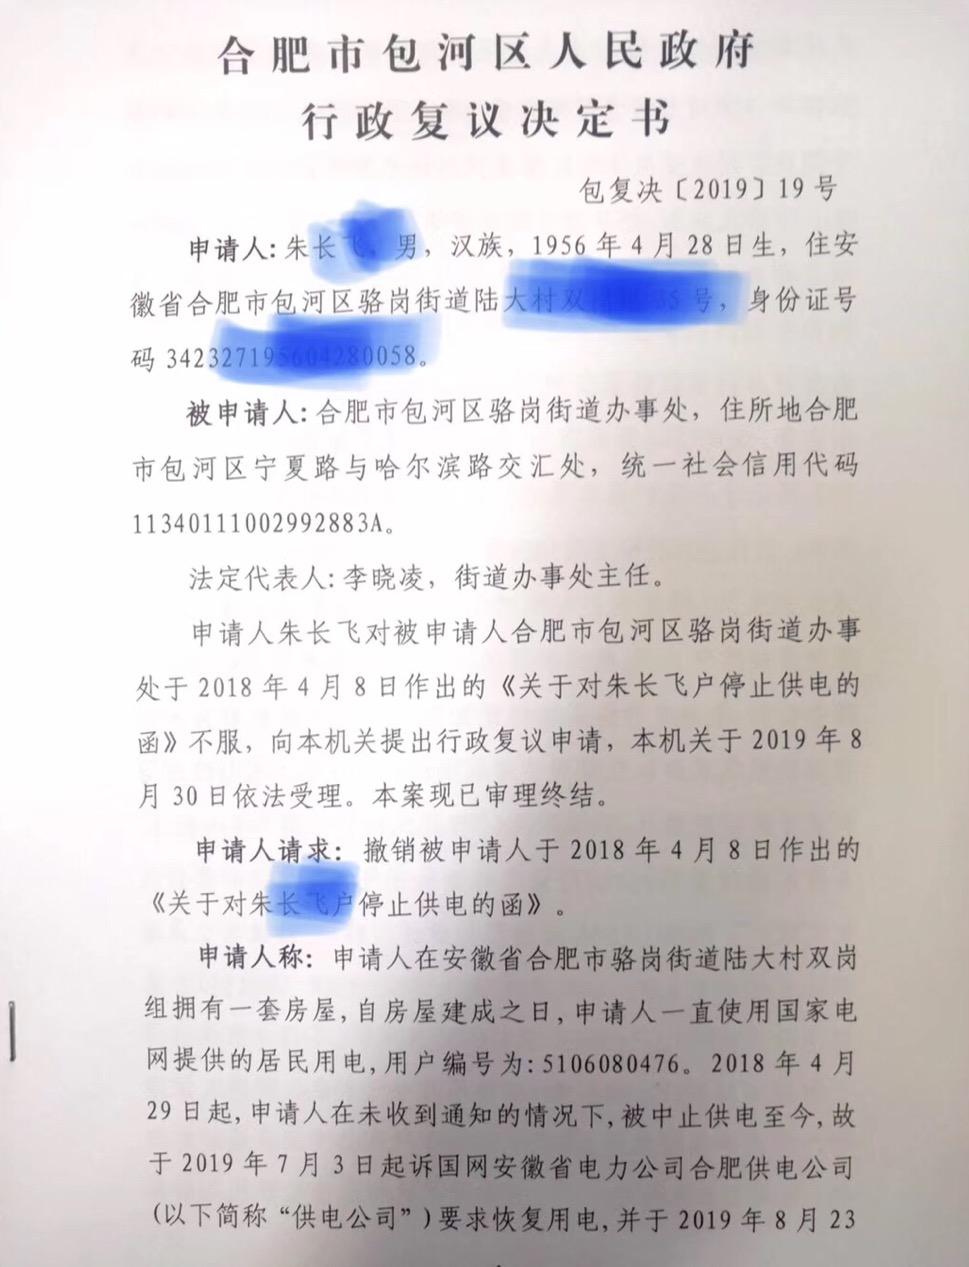 安徽合肥:断水断电逼签,律师介入撤销断电函件